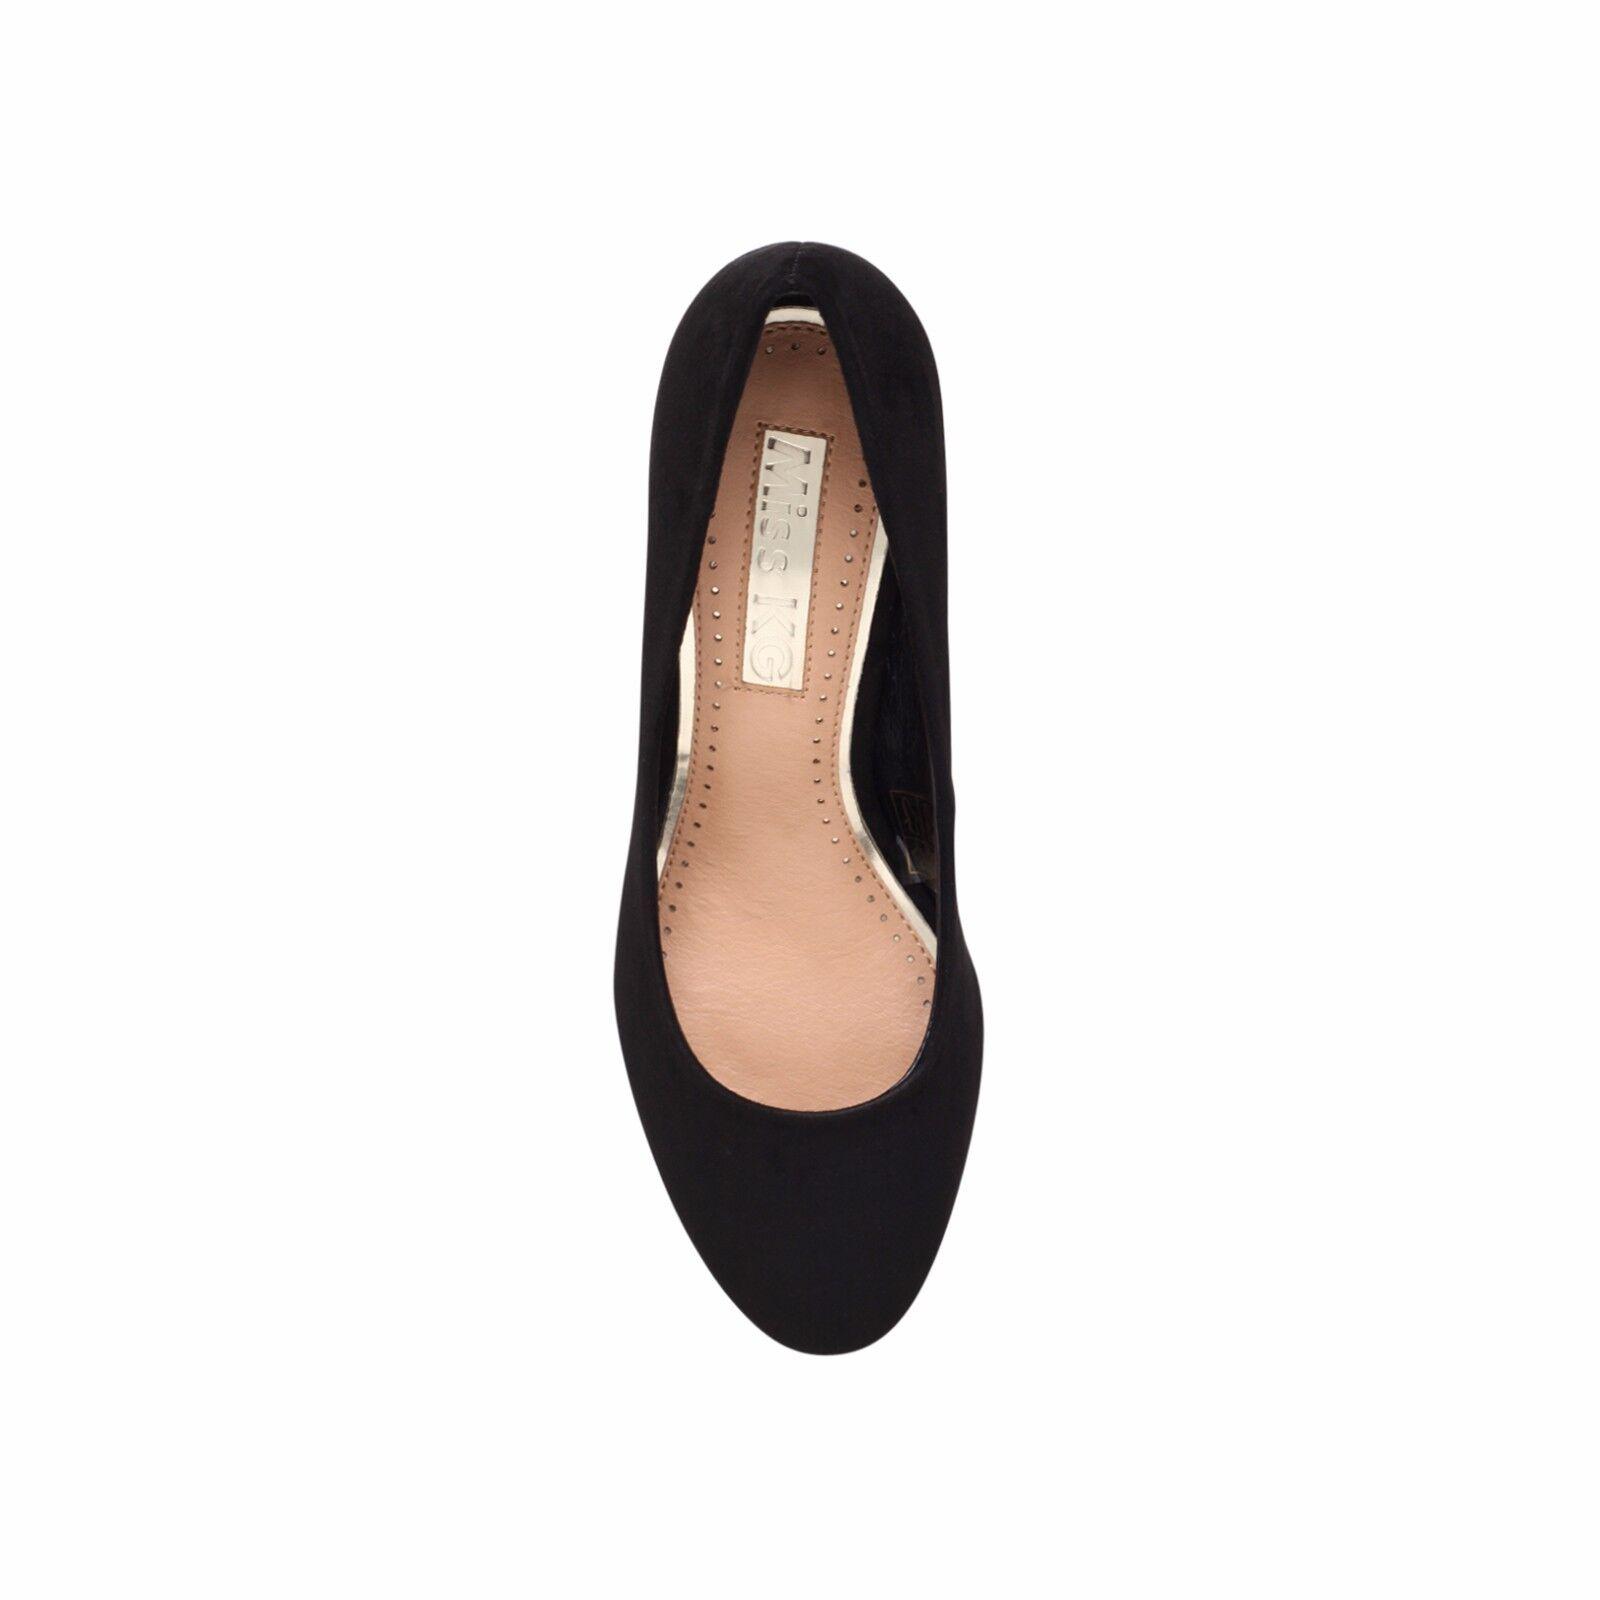 b9523f8d291 Miss Kg Kurt Geiger Connie Black Mid Heel Court Shoes UK 4 EU 37 Js39 54  SALEx for sale online